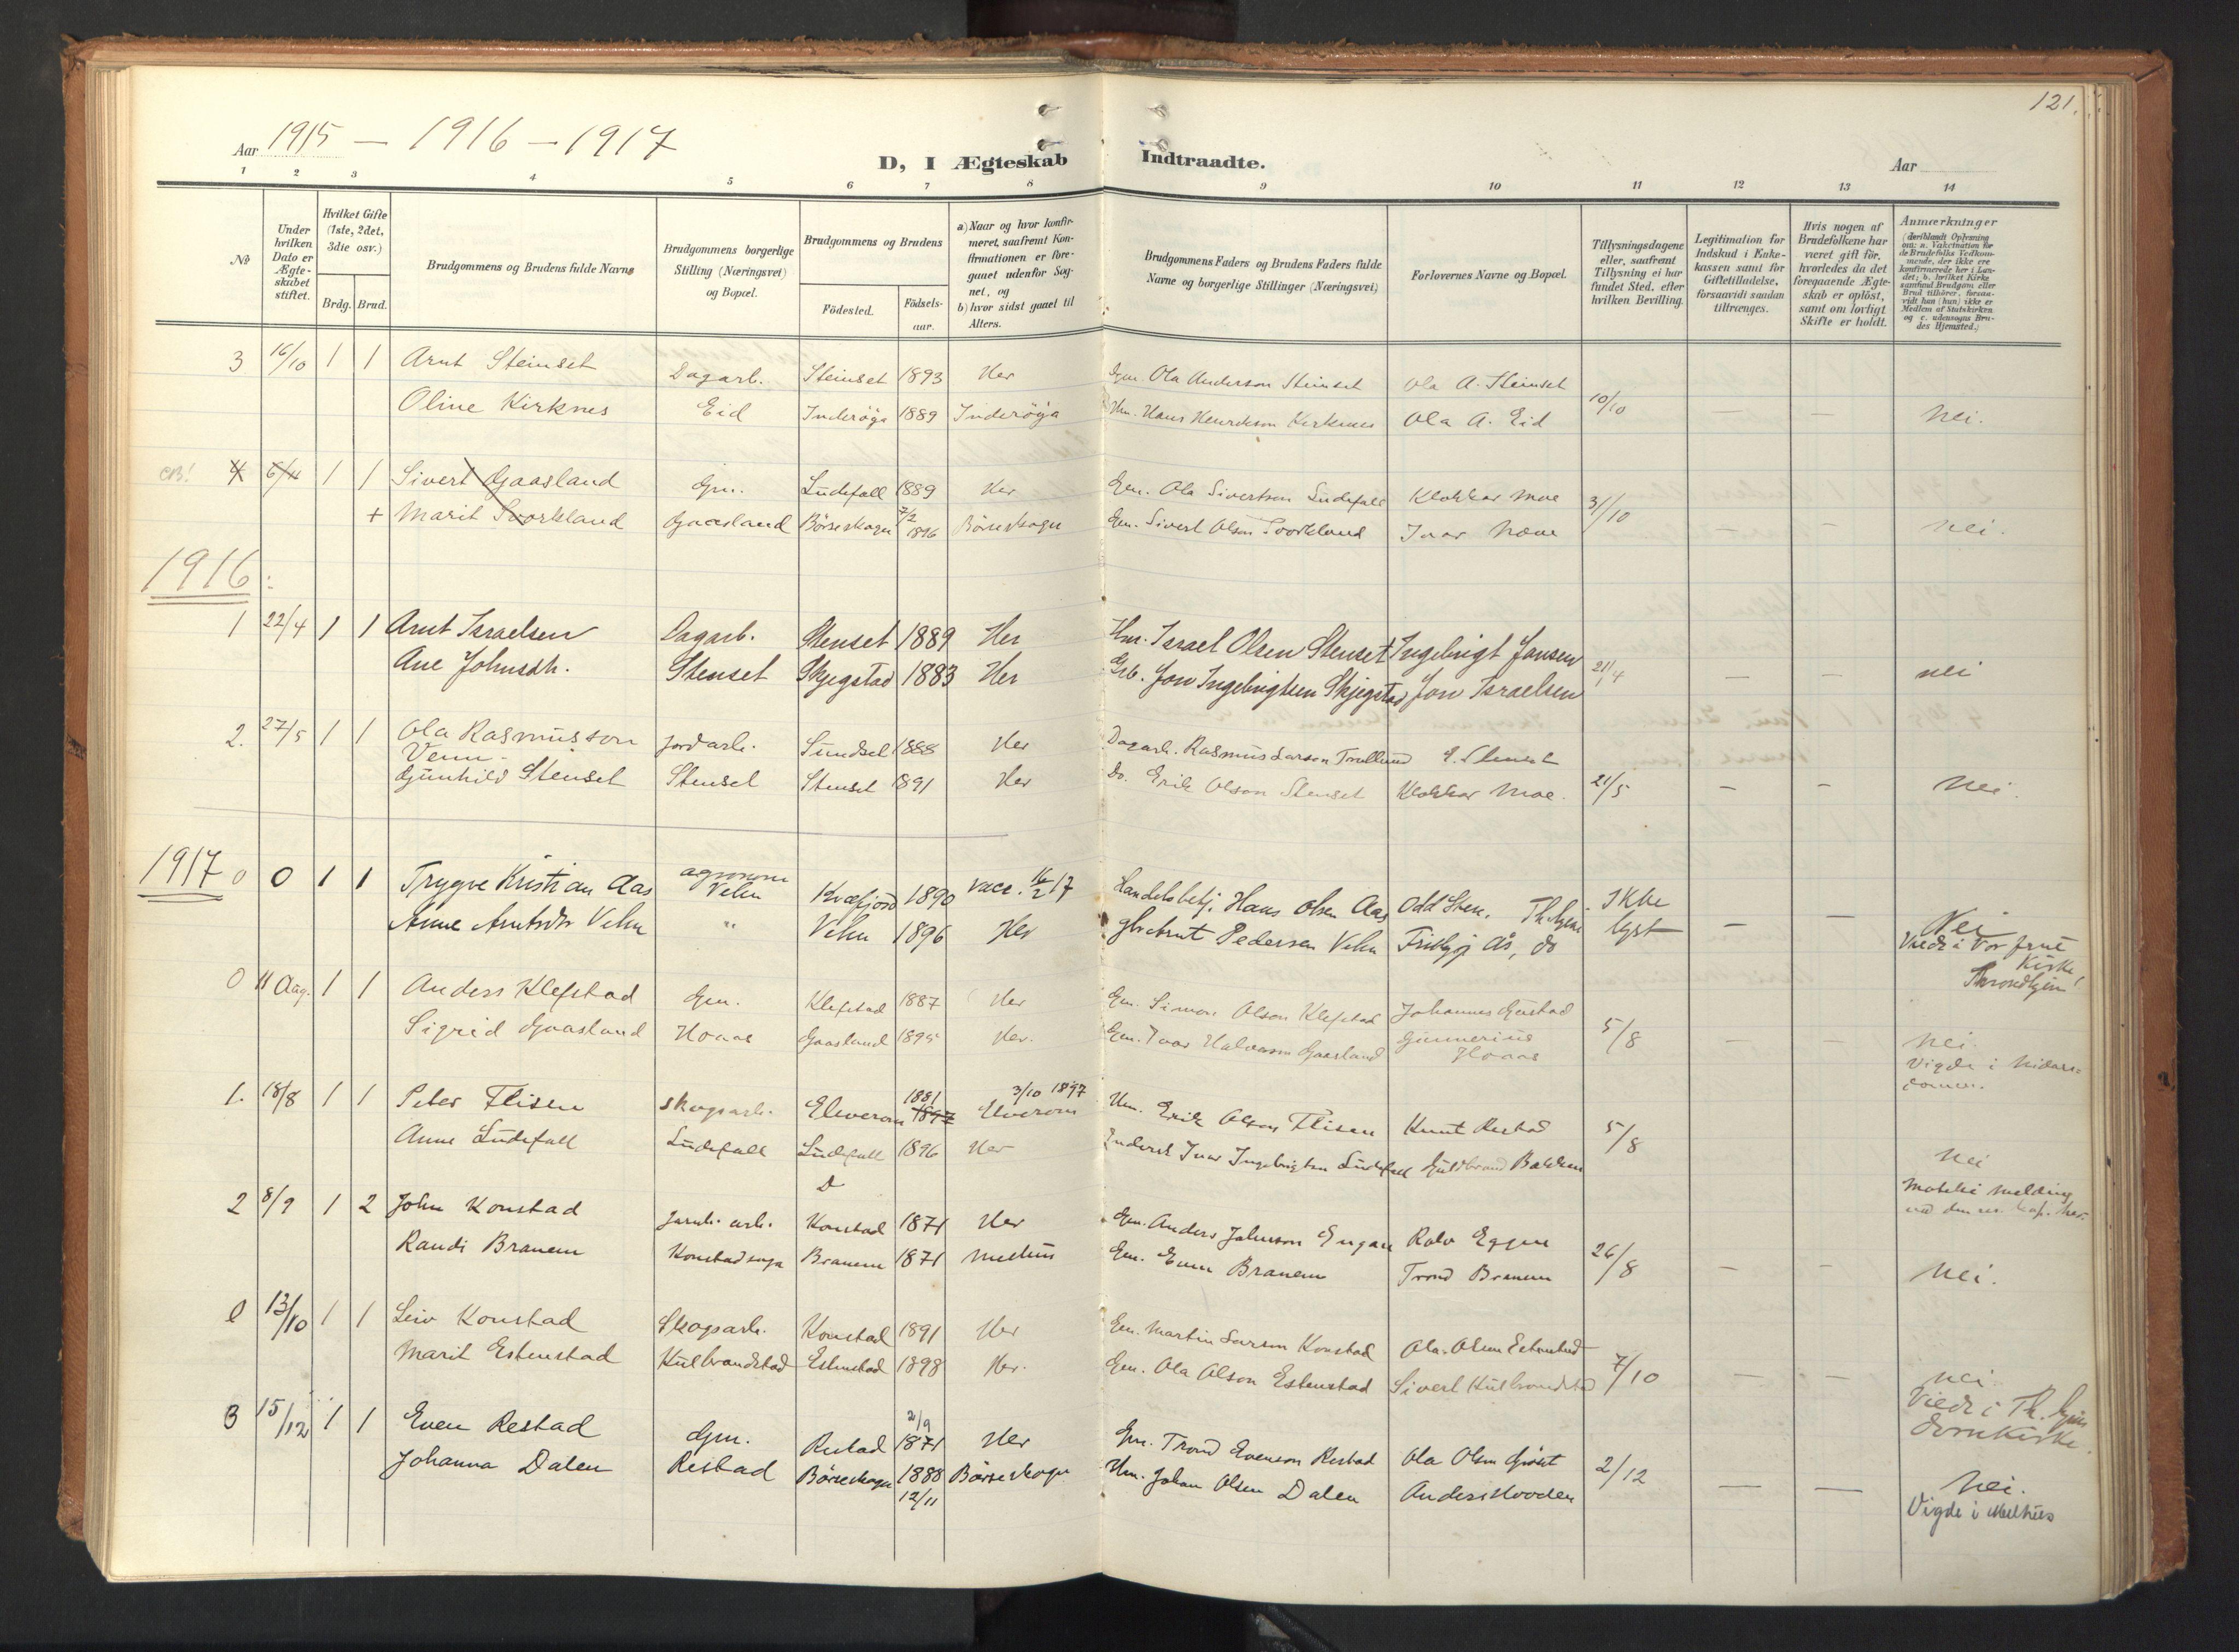 SAT, Ministerialprotokoller, klokkerbøker og fødselsregistre - Sør-Trøndelag, 694/L1128: Ministerialbok nr. 694A02, 1906-1931, s. 121